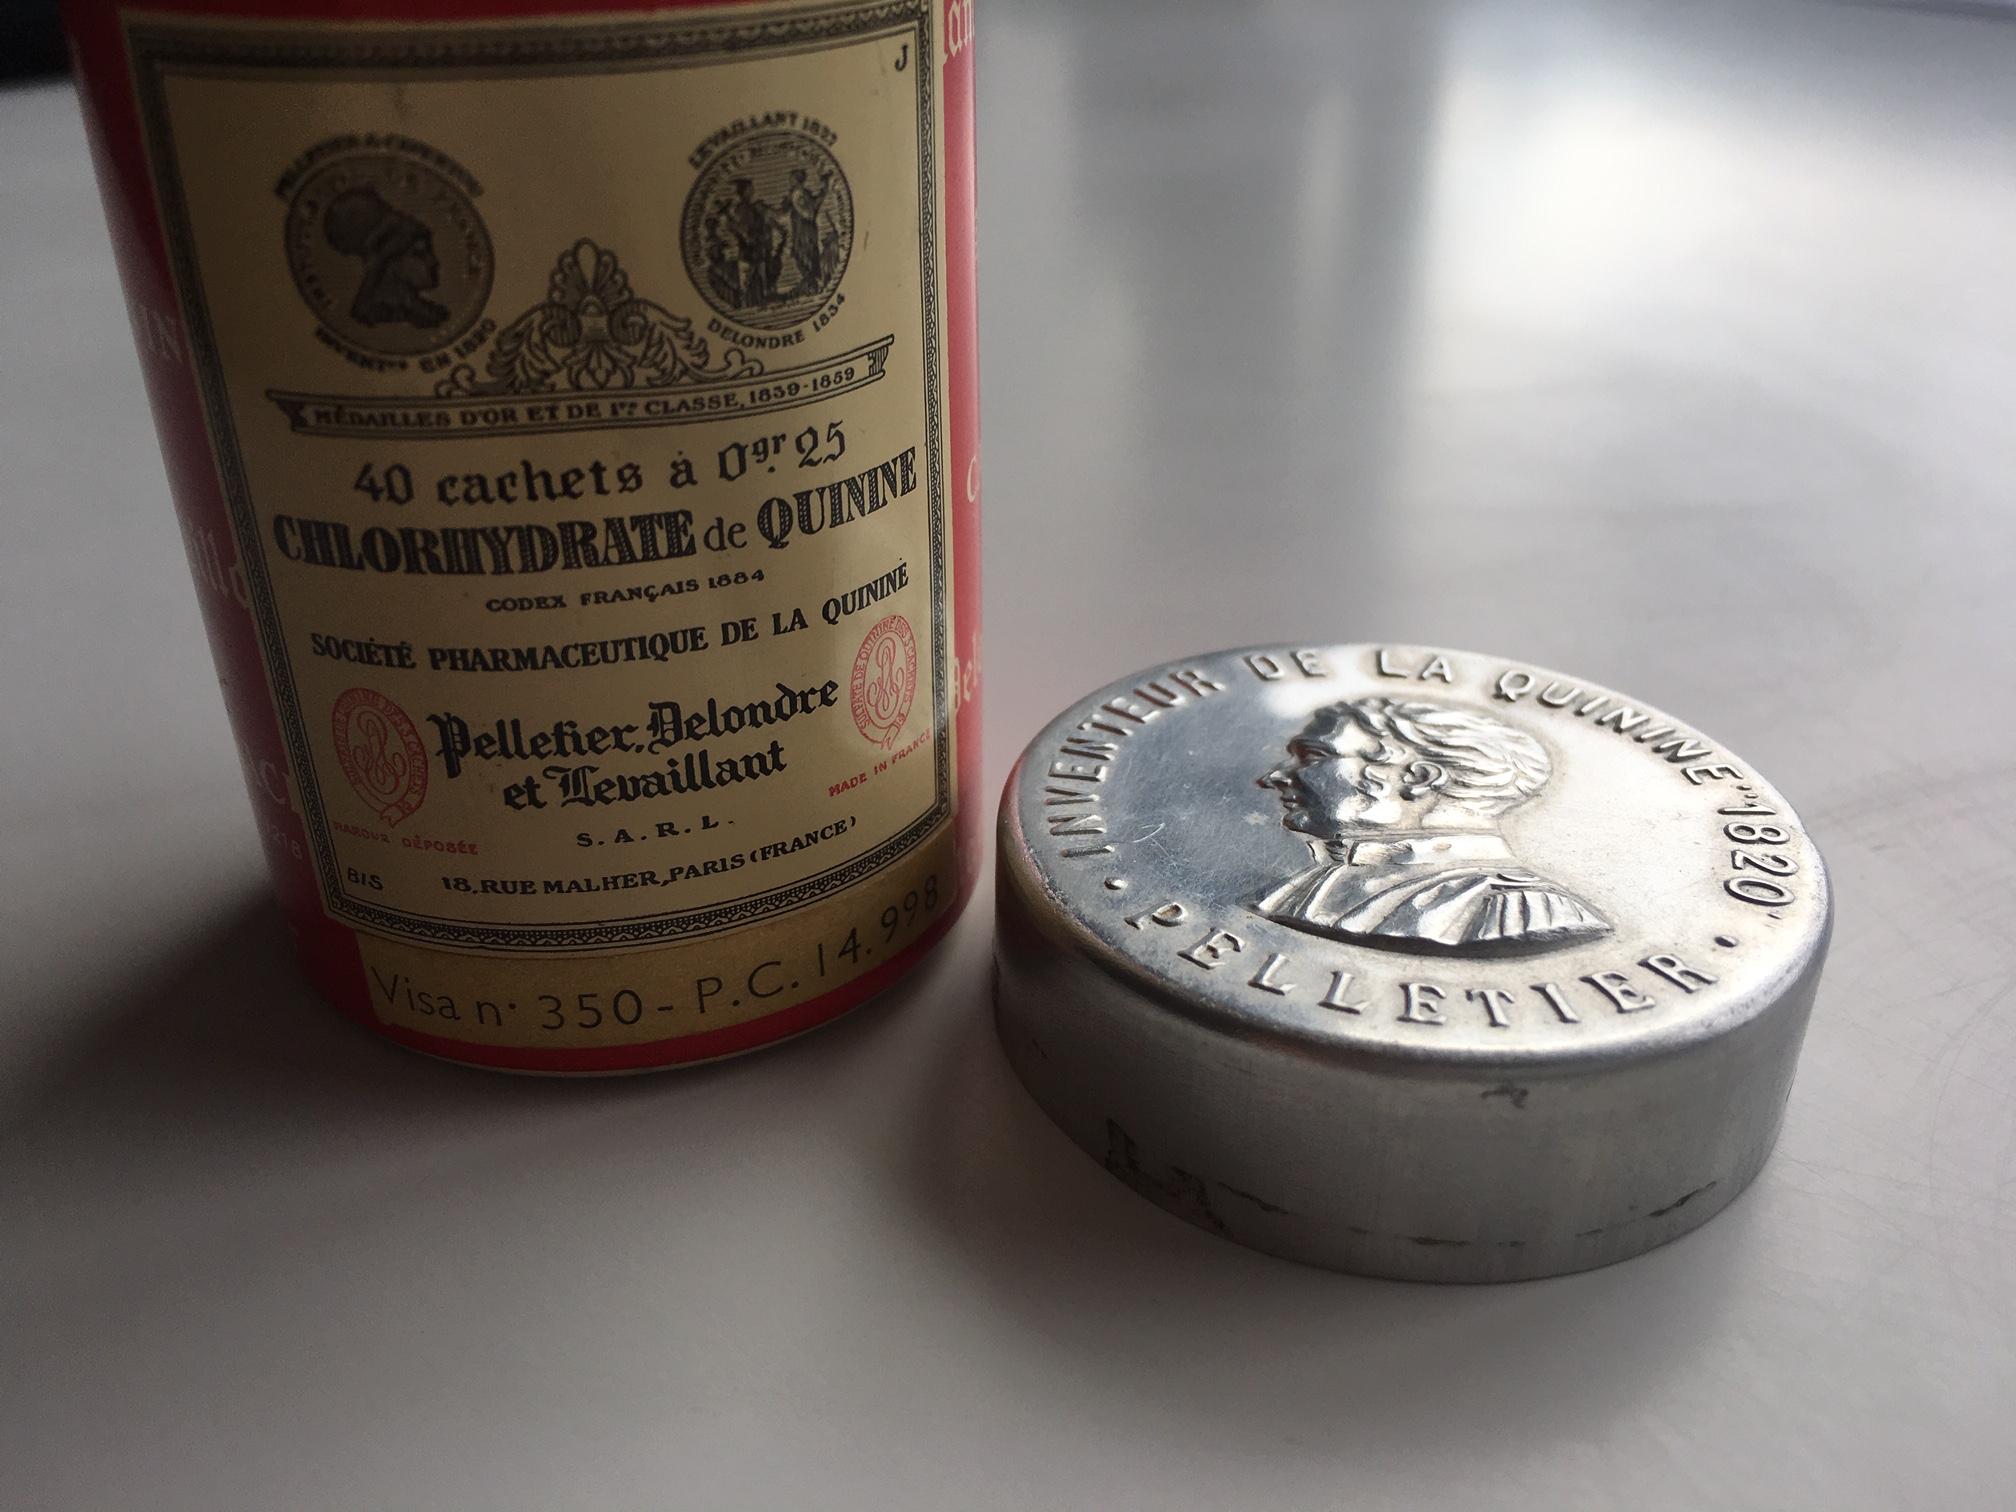 Recipiente de clorhidrato de quinina de la marca Pelletier, Delondre et Levaillant. Foto: Quique Bassat.